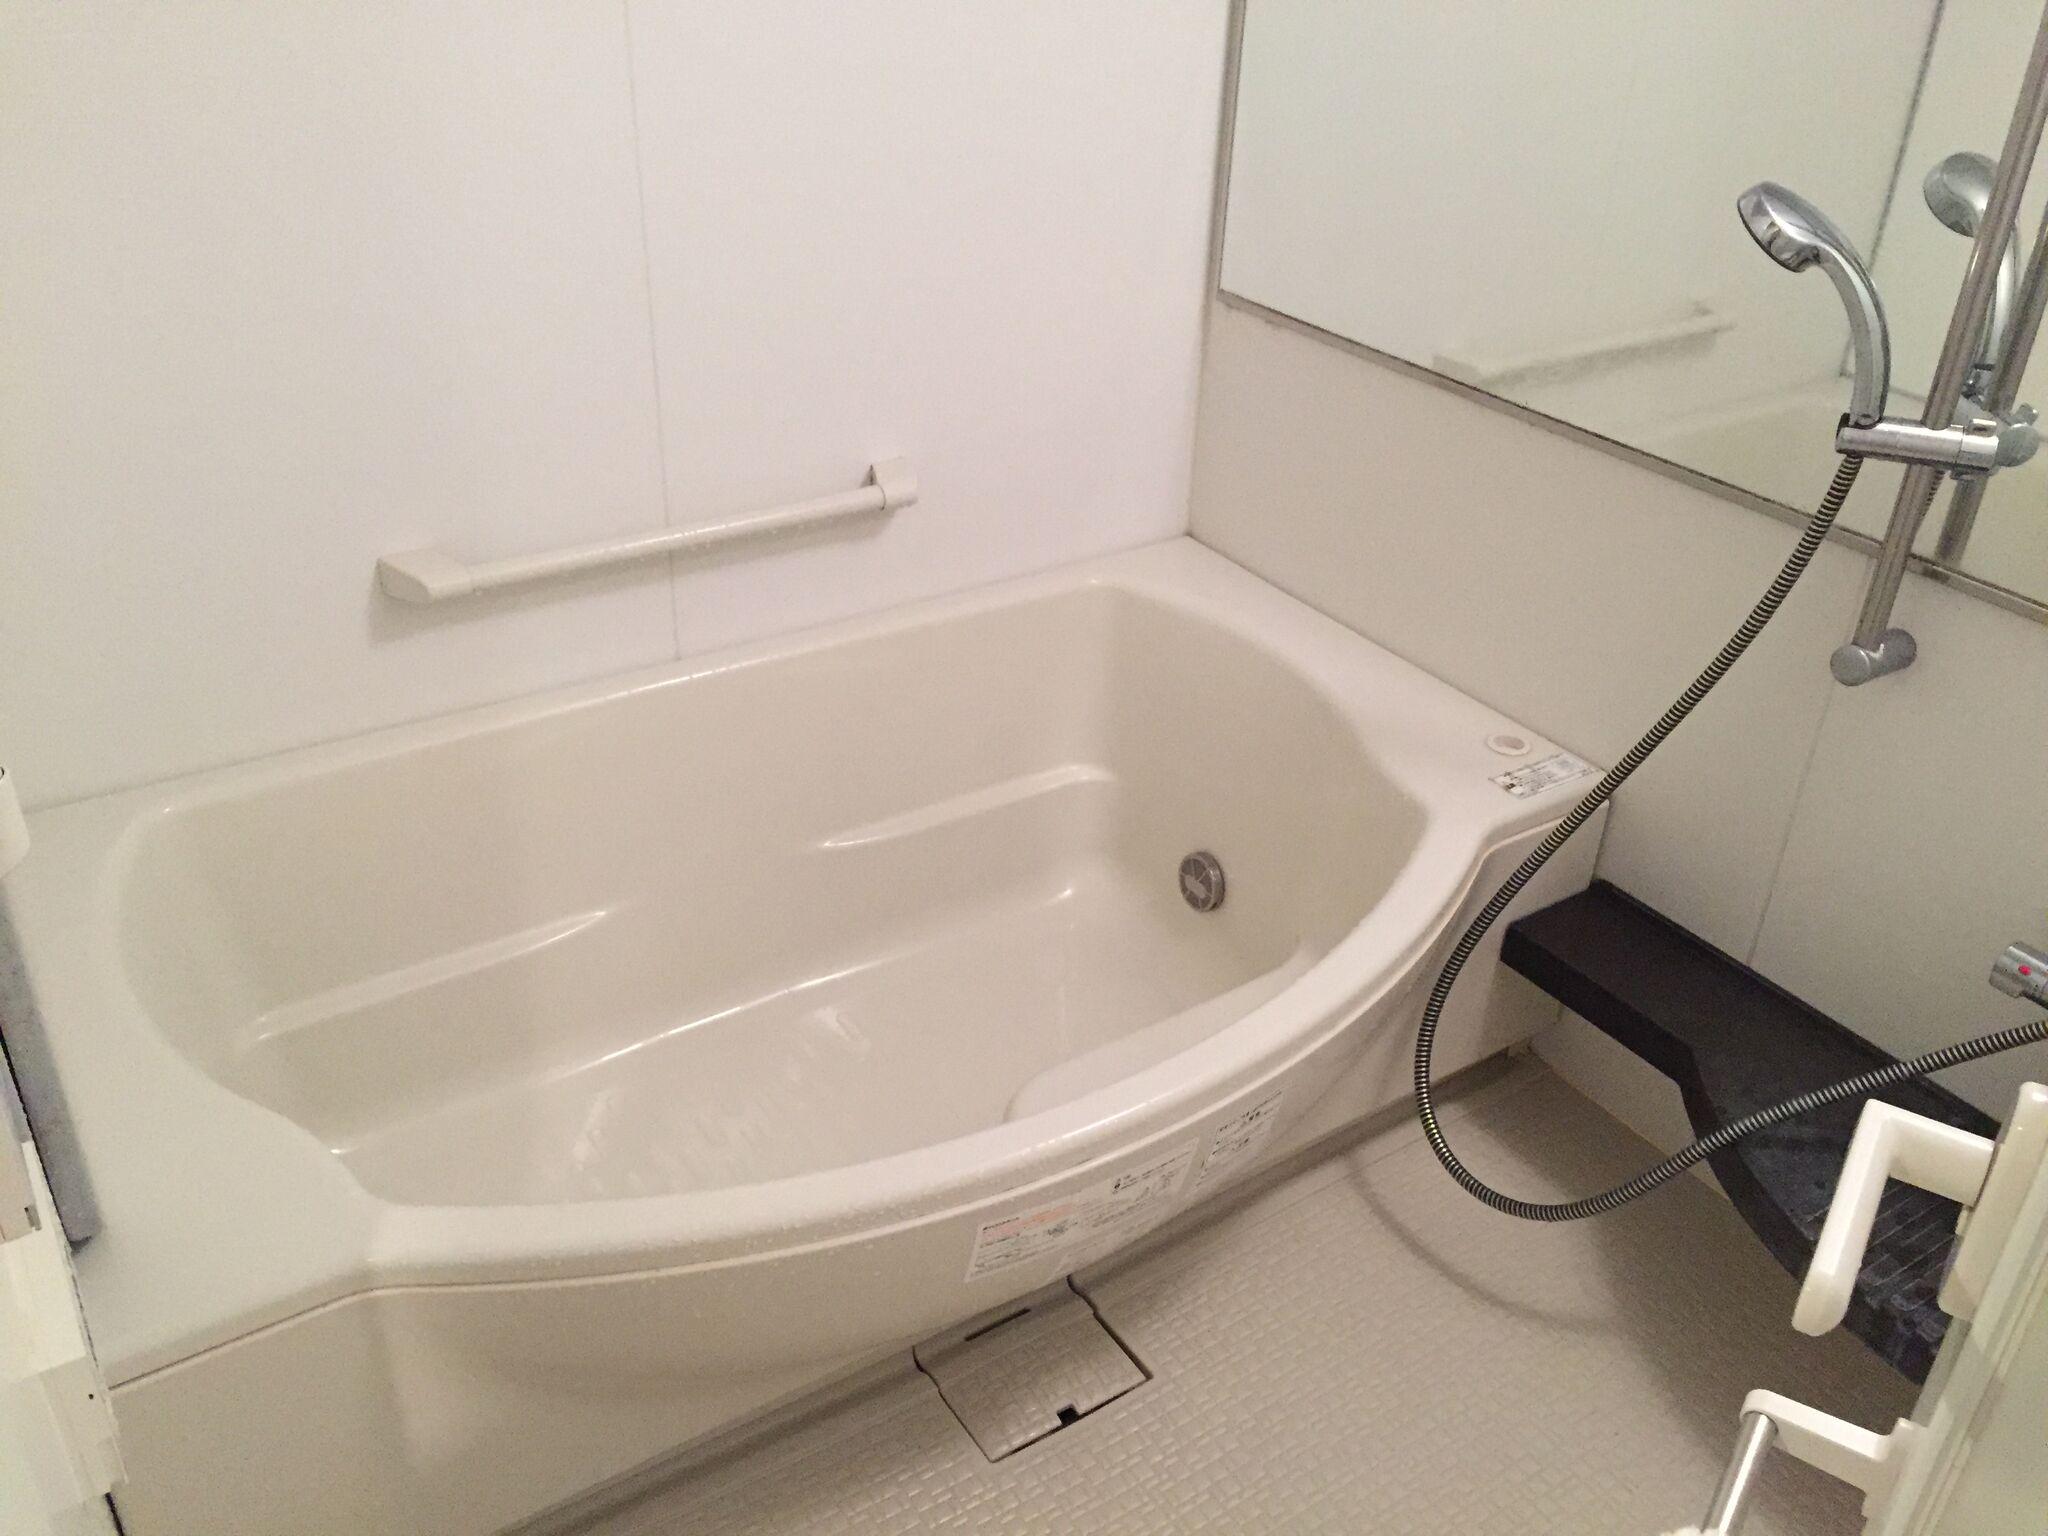 お風呂上がりにお風呂掃除。スッキリした気持ちで眠れます。